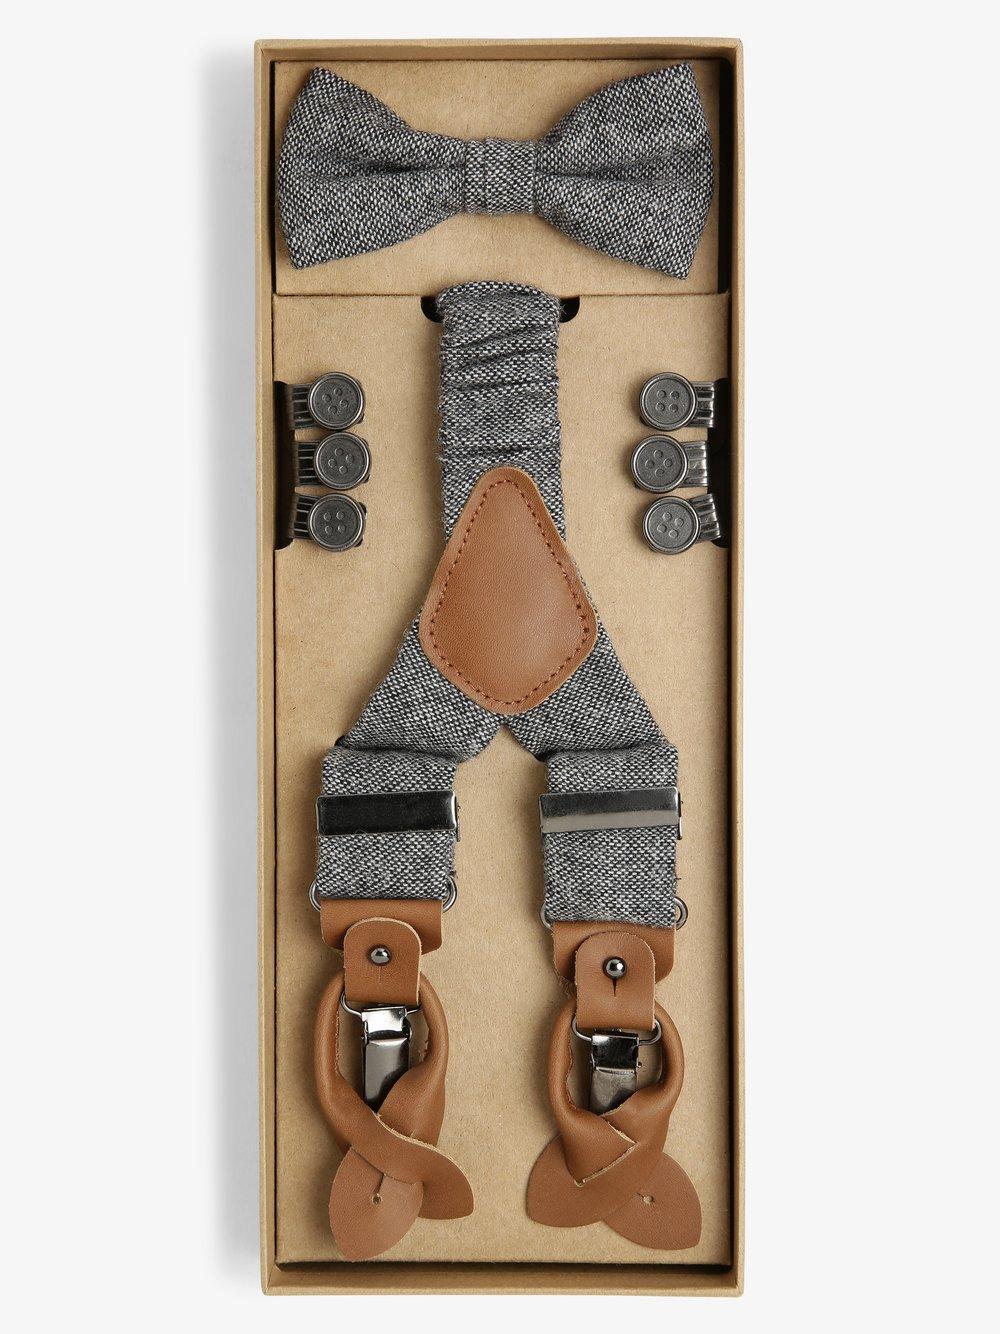 Finshley & Harding London – Zestaw akcesoriów dla mężczyzn, szary Van Graaf 487385-0001-00000